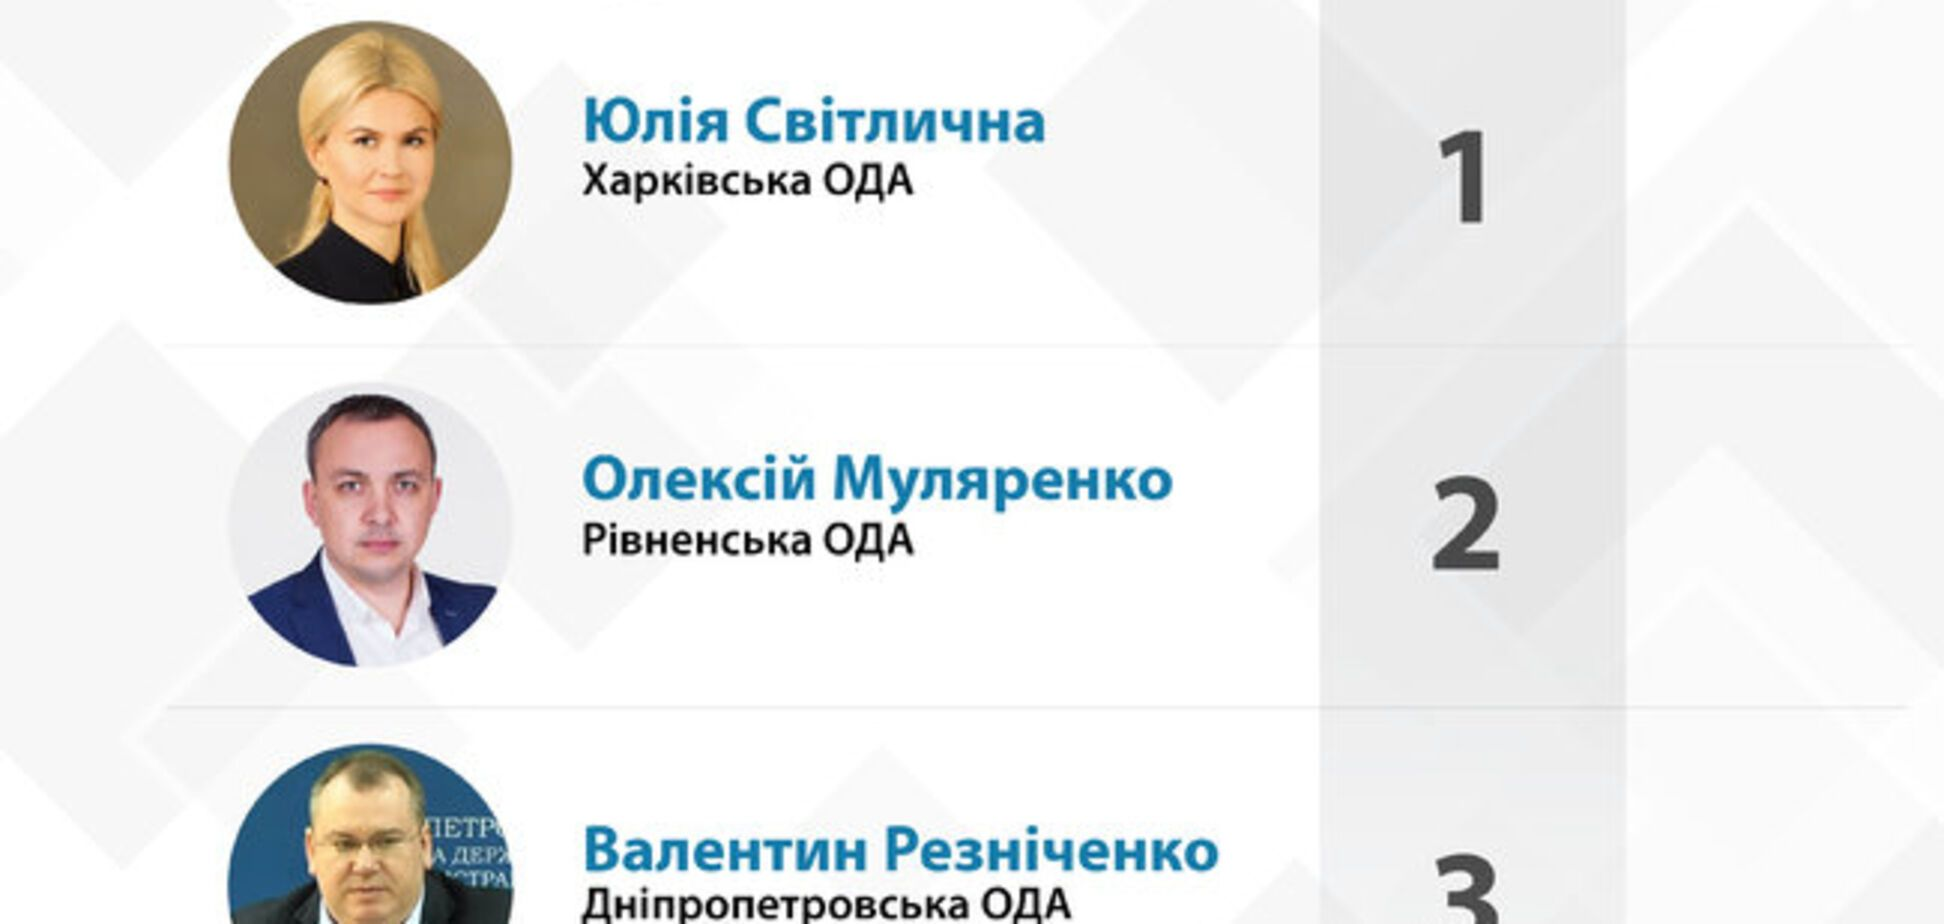 По версии Кабмина Кличко и Светличная – лучшие руководители регионов